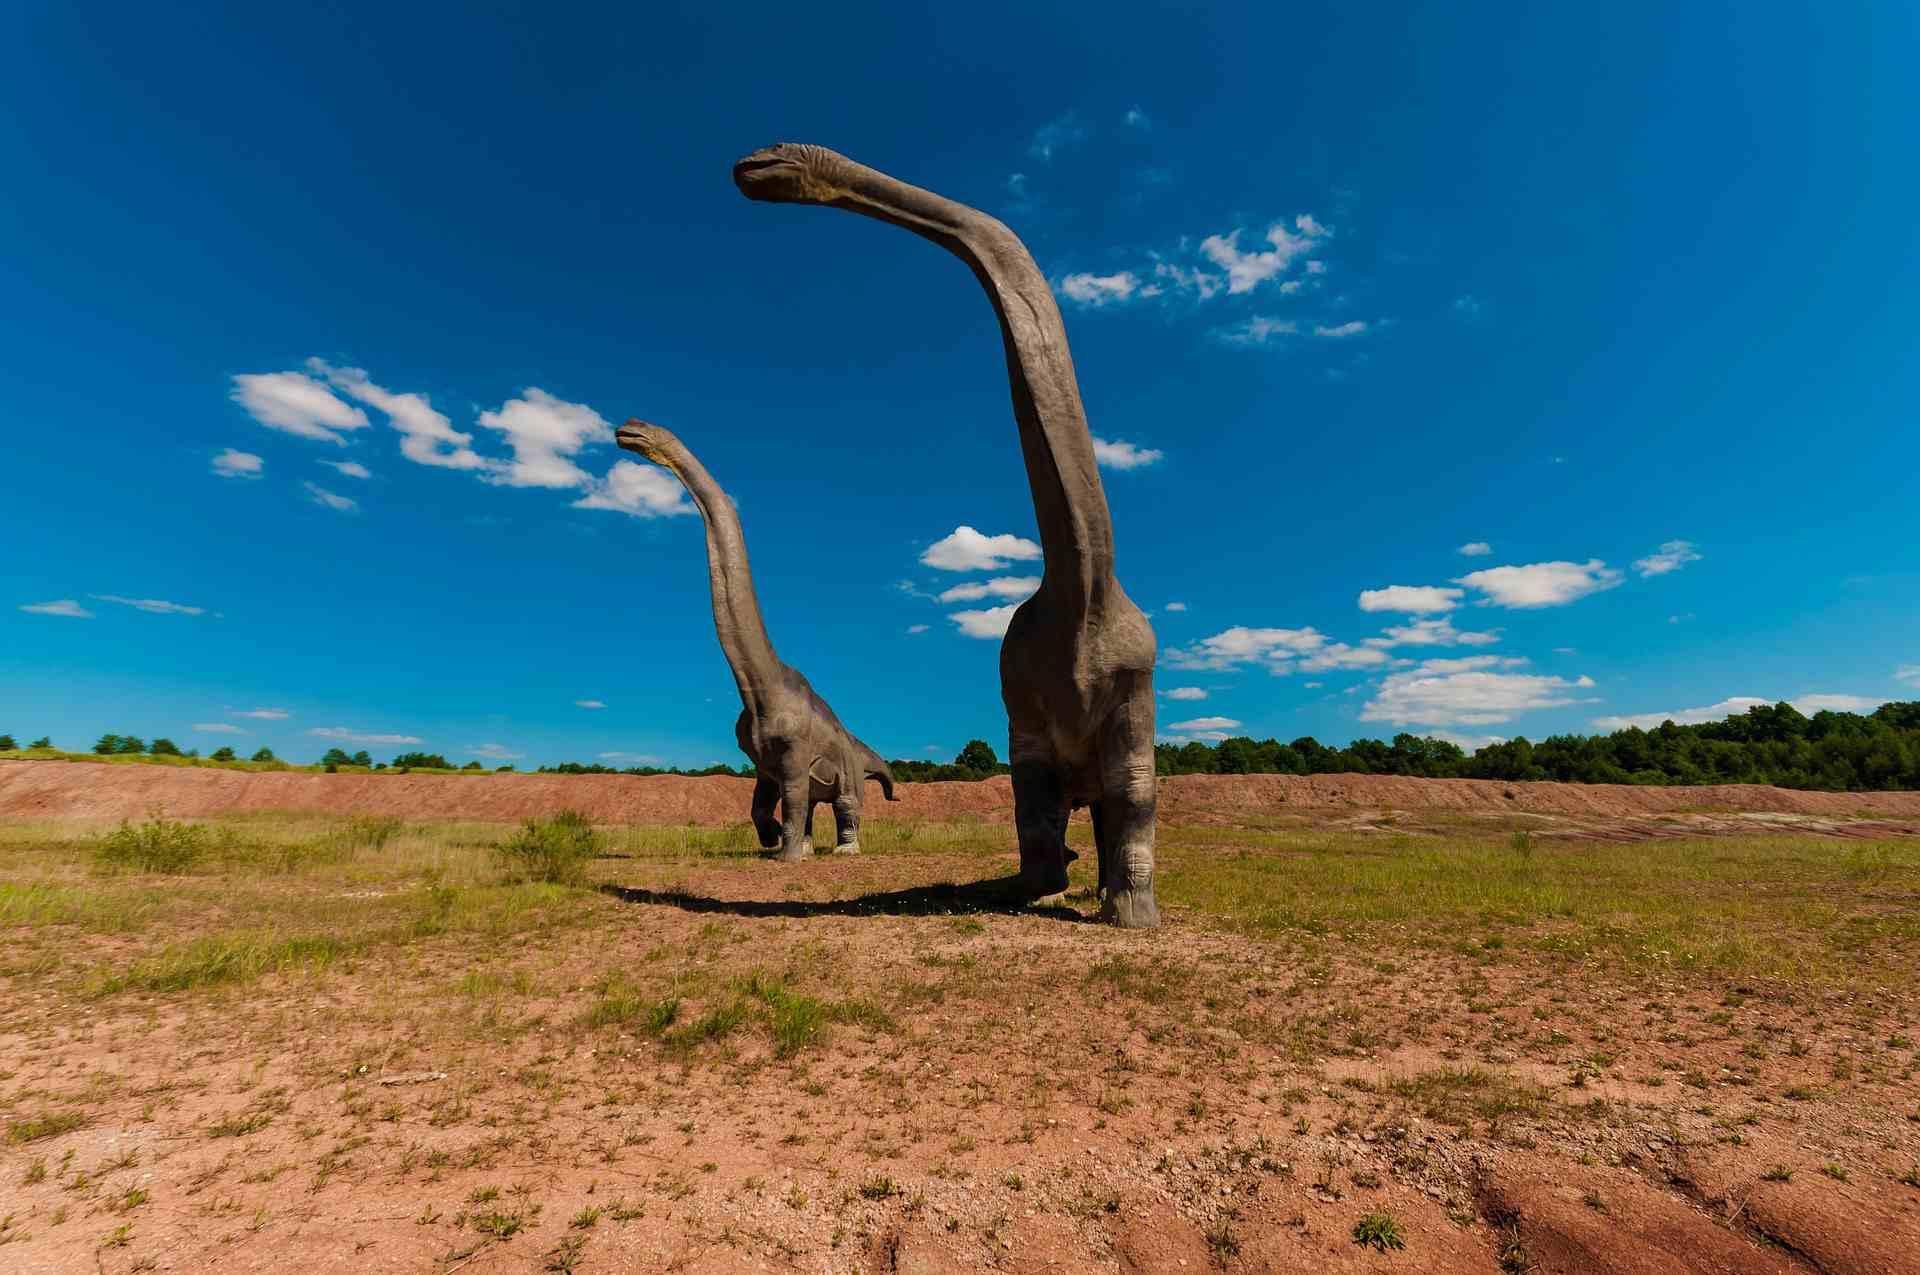 Brachiosaurus walking across an open landscape.